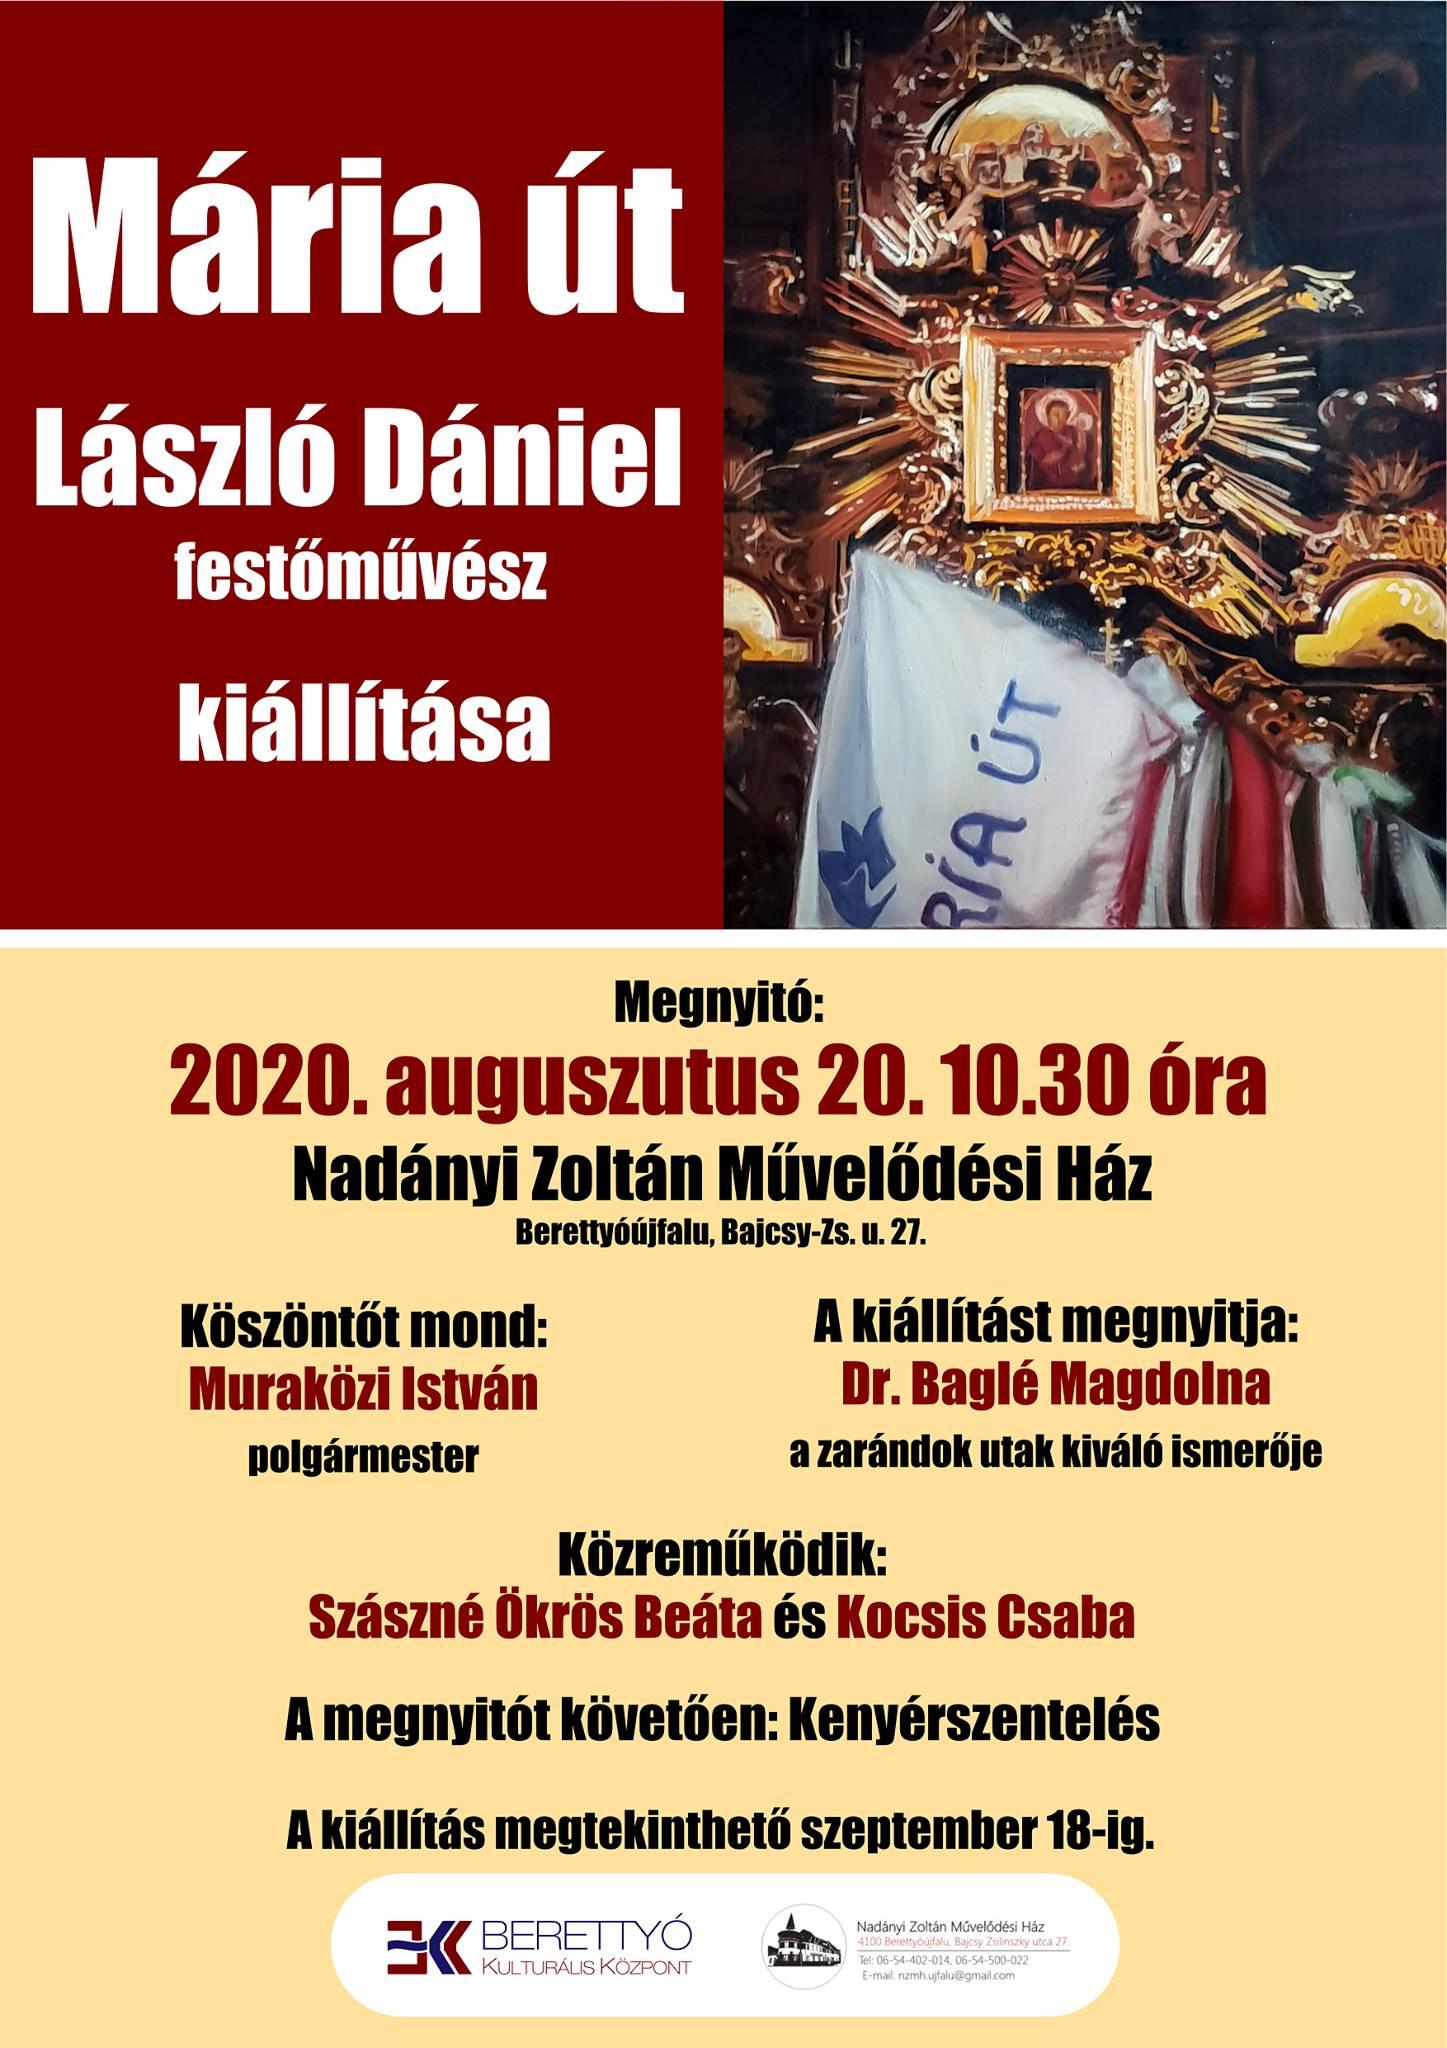 Mária út - László Dániel festőművész kiállítása